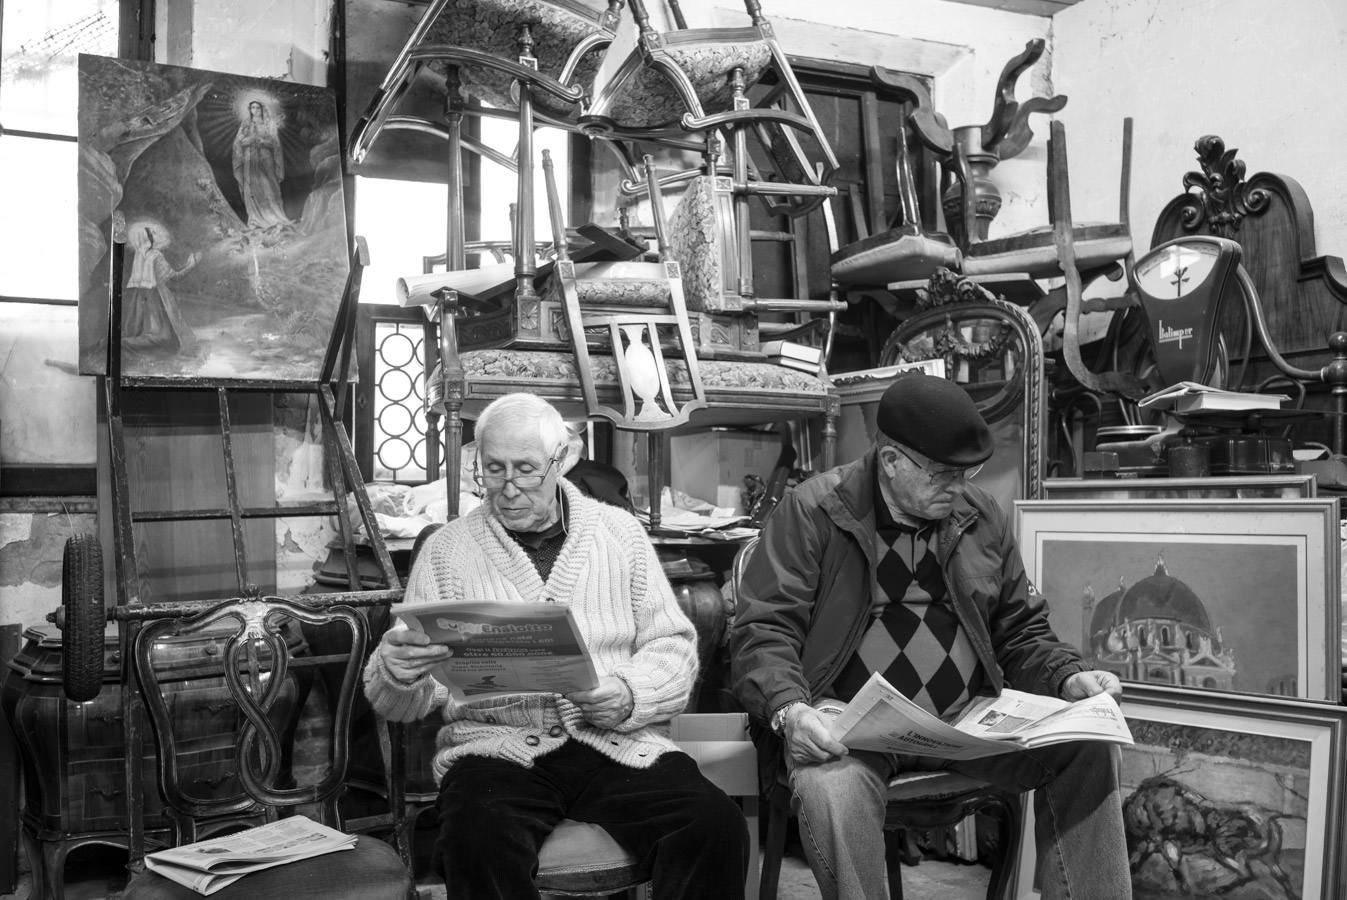 The-workshop-of-junk-dealer